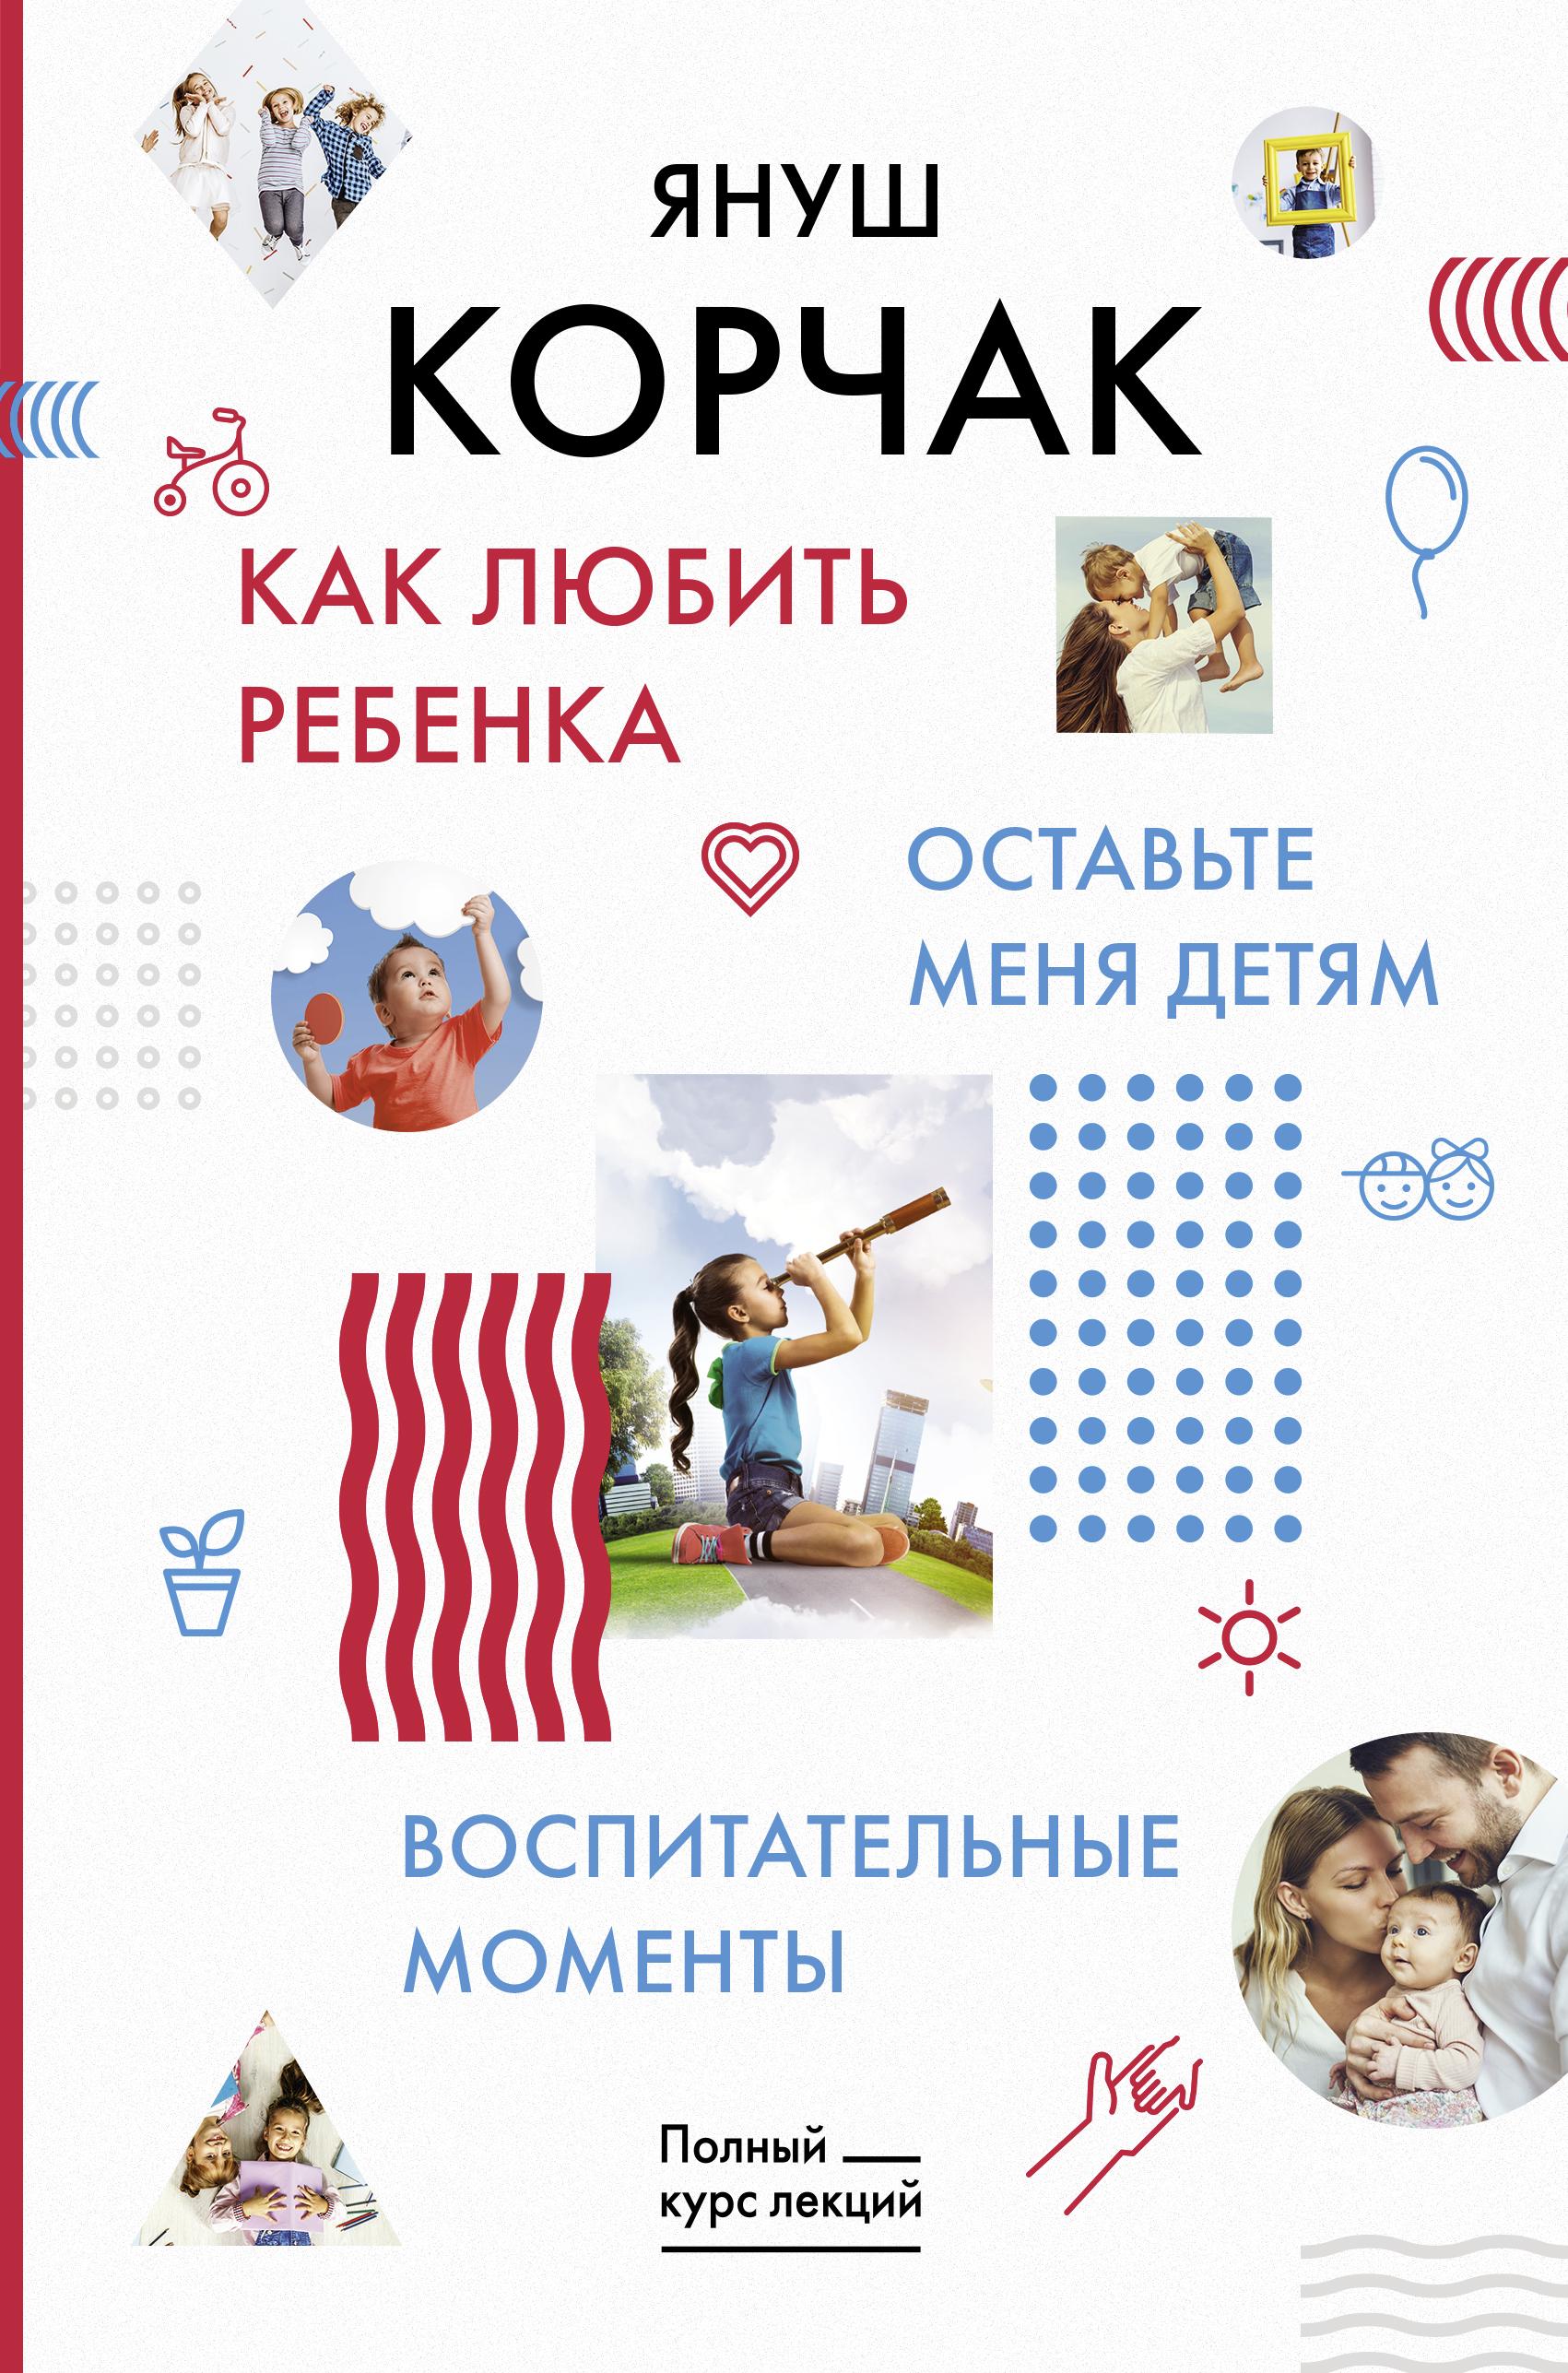 Януш Корчак Как любить ребенка. Оставьте меня детям. Воспитательные моменты.